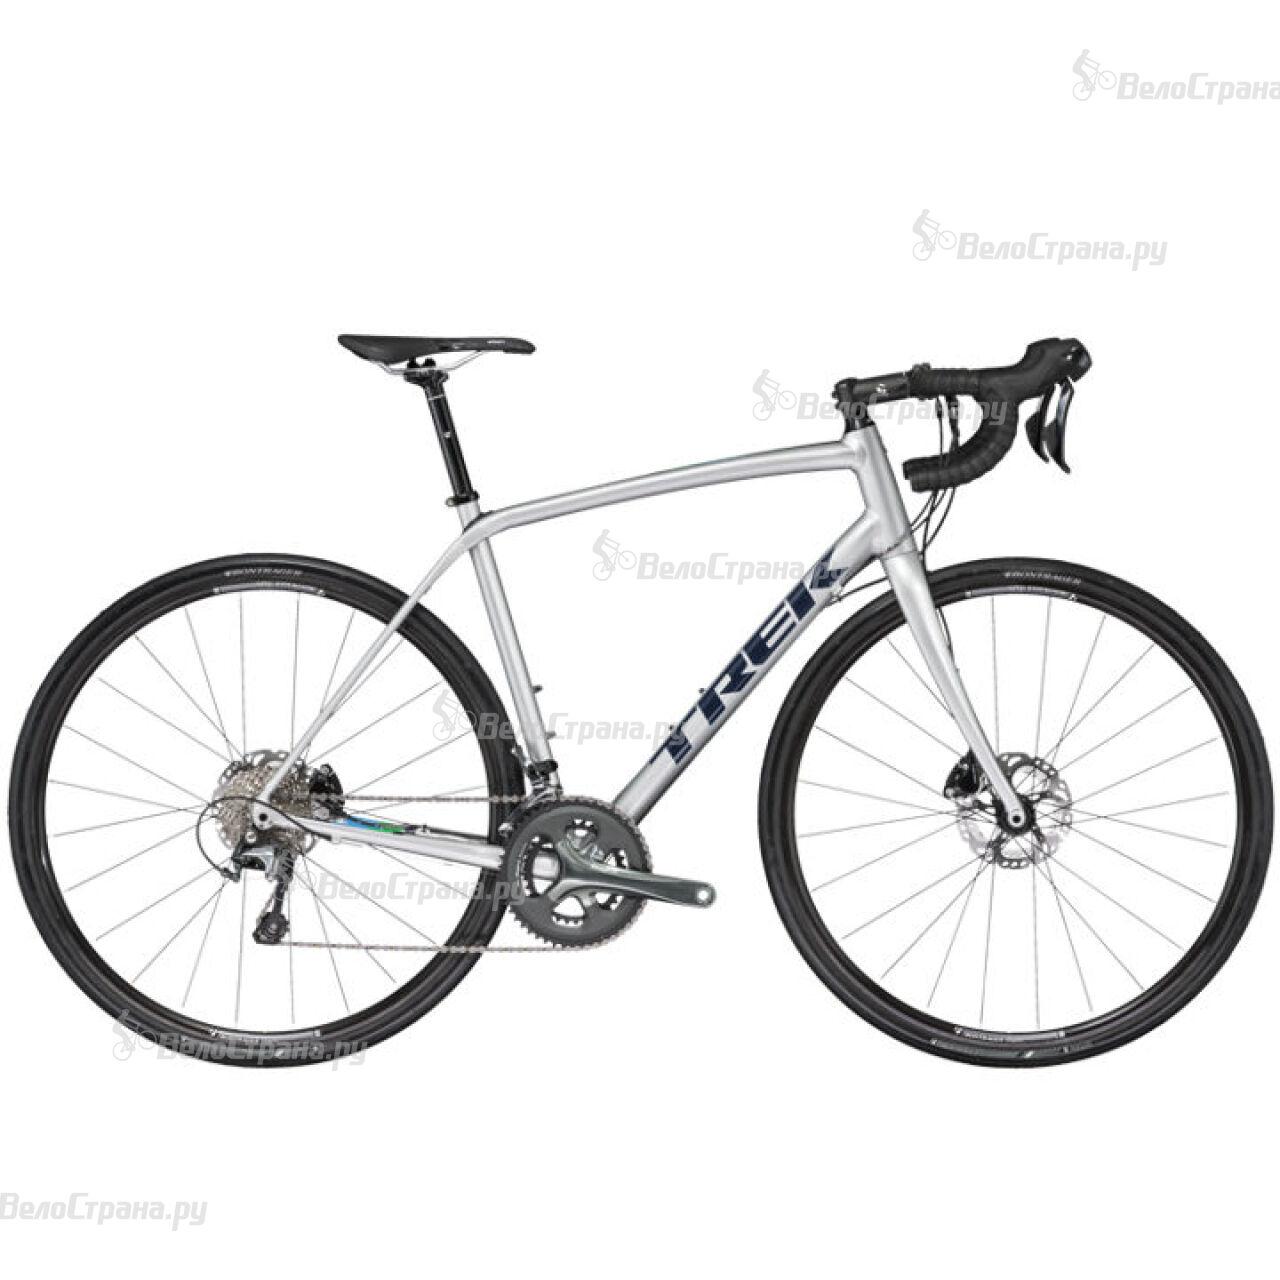 Велосипед Trek Domane ALR 4 Disc (2017) велосипед trek domane alr 4 disc 2017